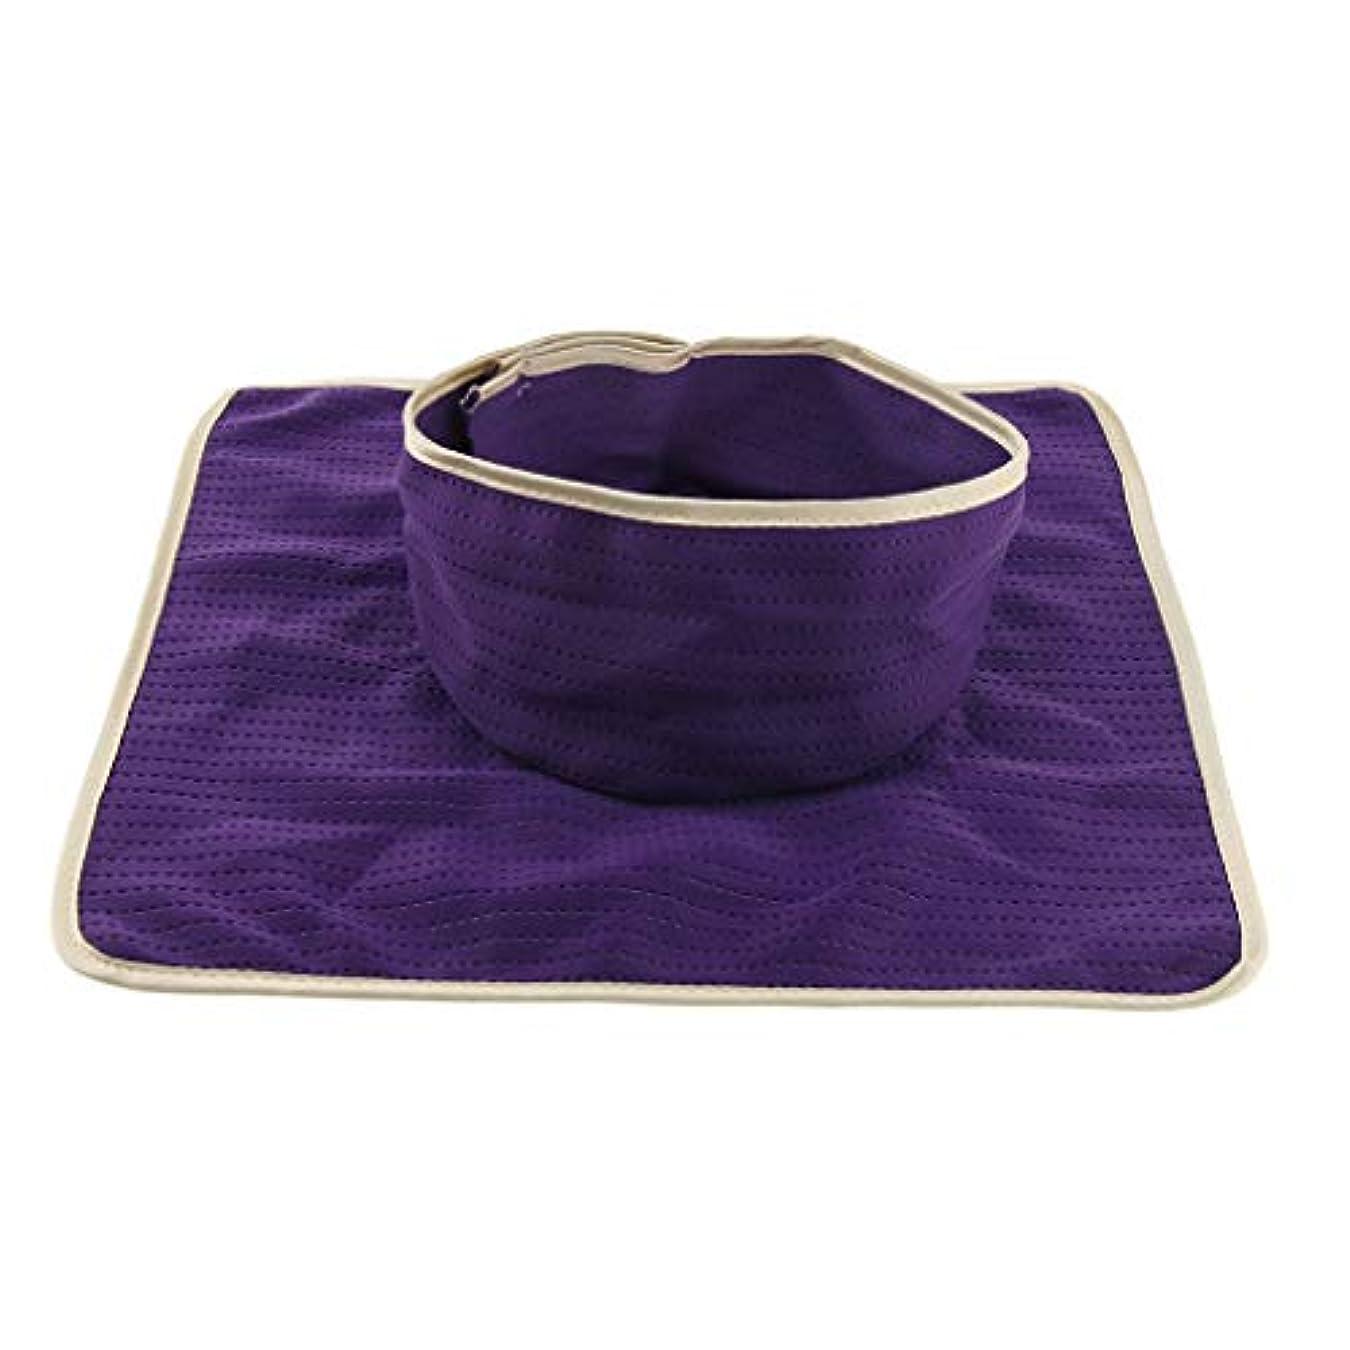 感謝祭ディレクター敬意を表してマッサージのベッド用 パッド マットシート 顔の穴付き 洗える 約35×35cm 全3色 - 紫